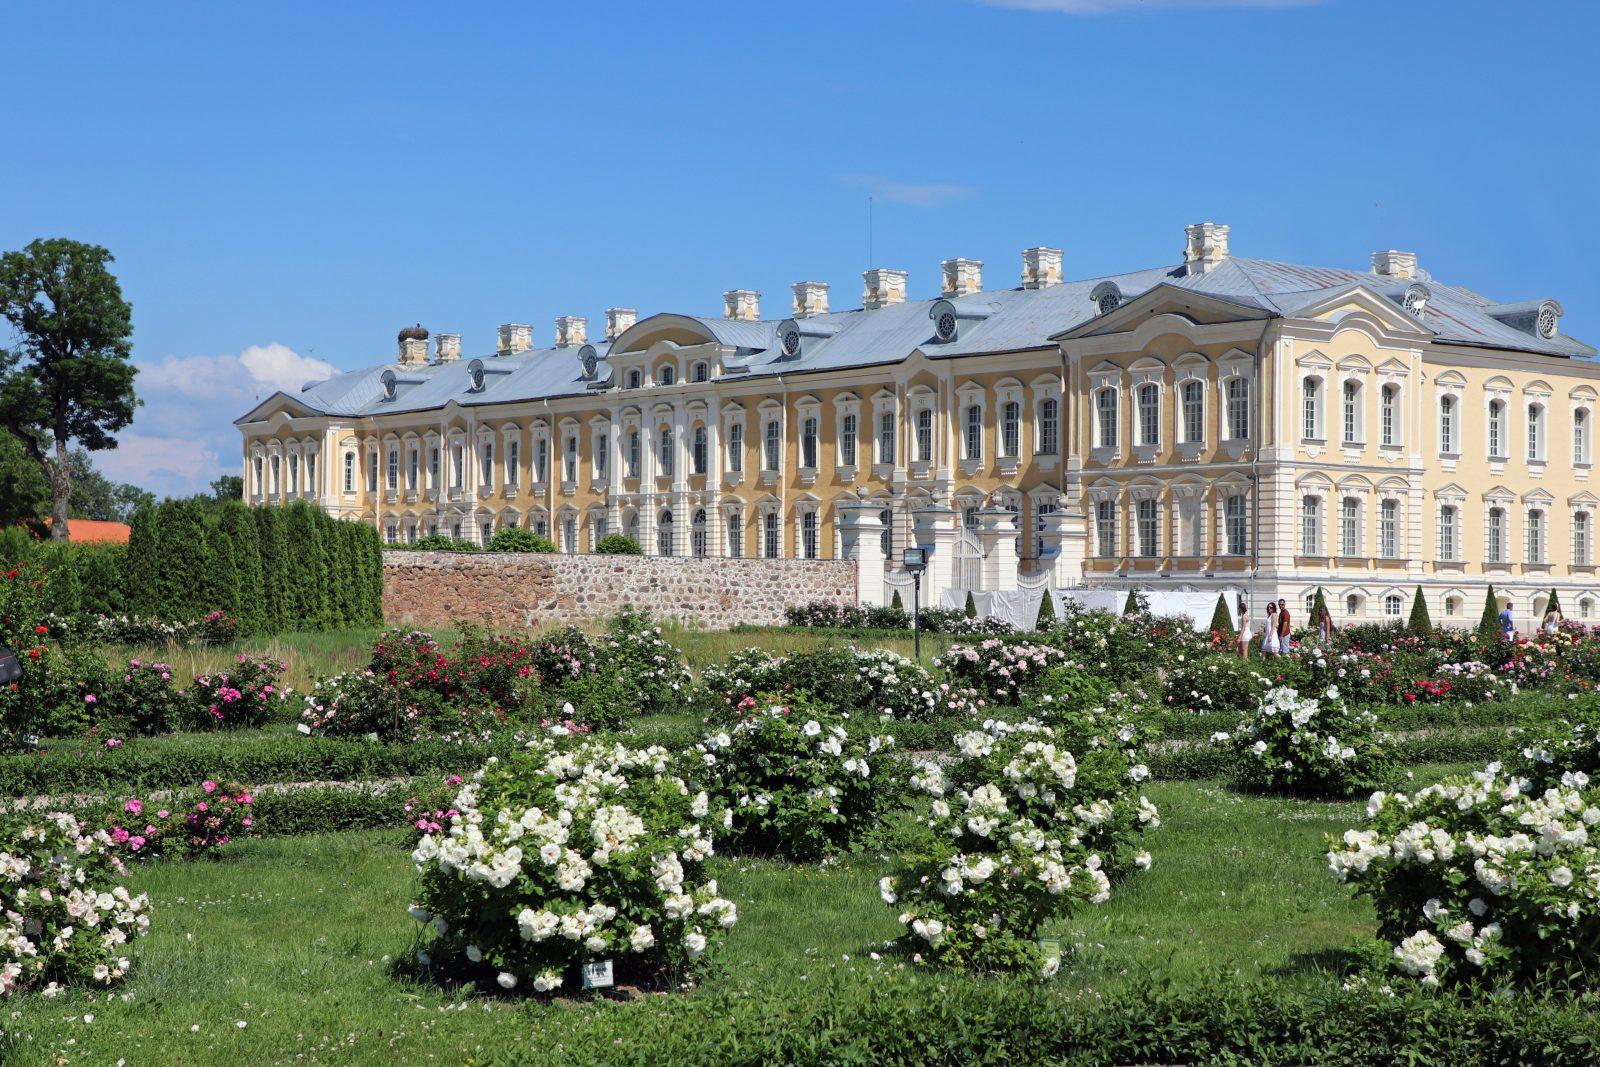 """Schloß Ruhenthal, heute Rundale, das """"Versailles des Baltikum"""", Sommerresidenz des Ernst Johann Biron, Herzog von Kurland, 1768 fertiggestellt Foto: Privat"""